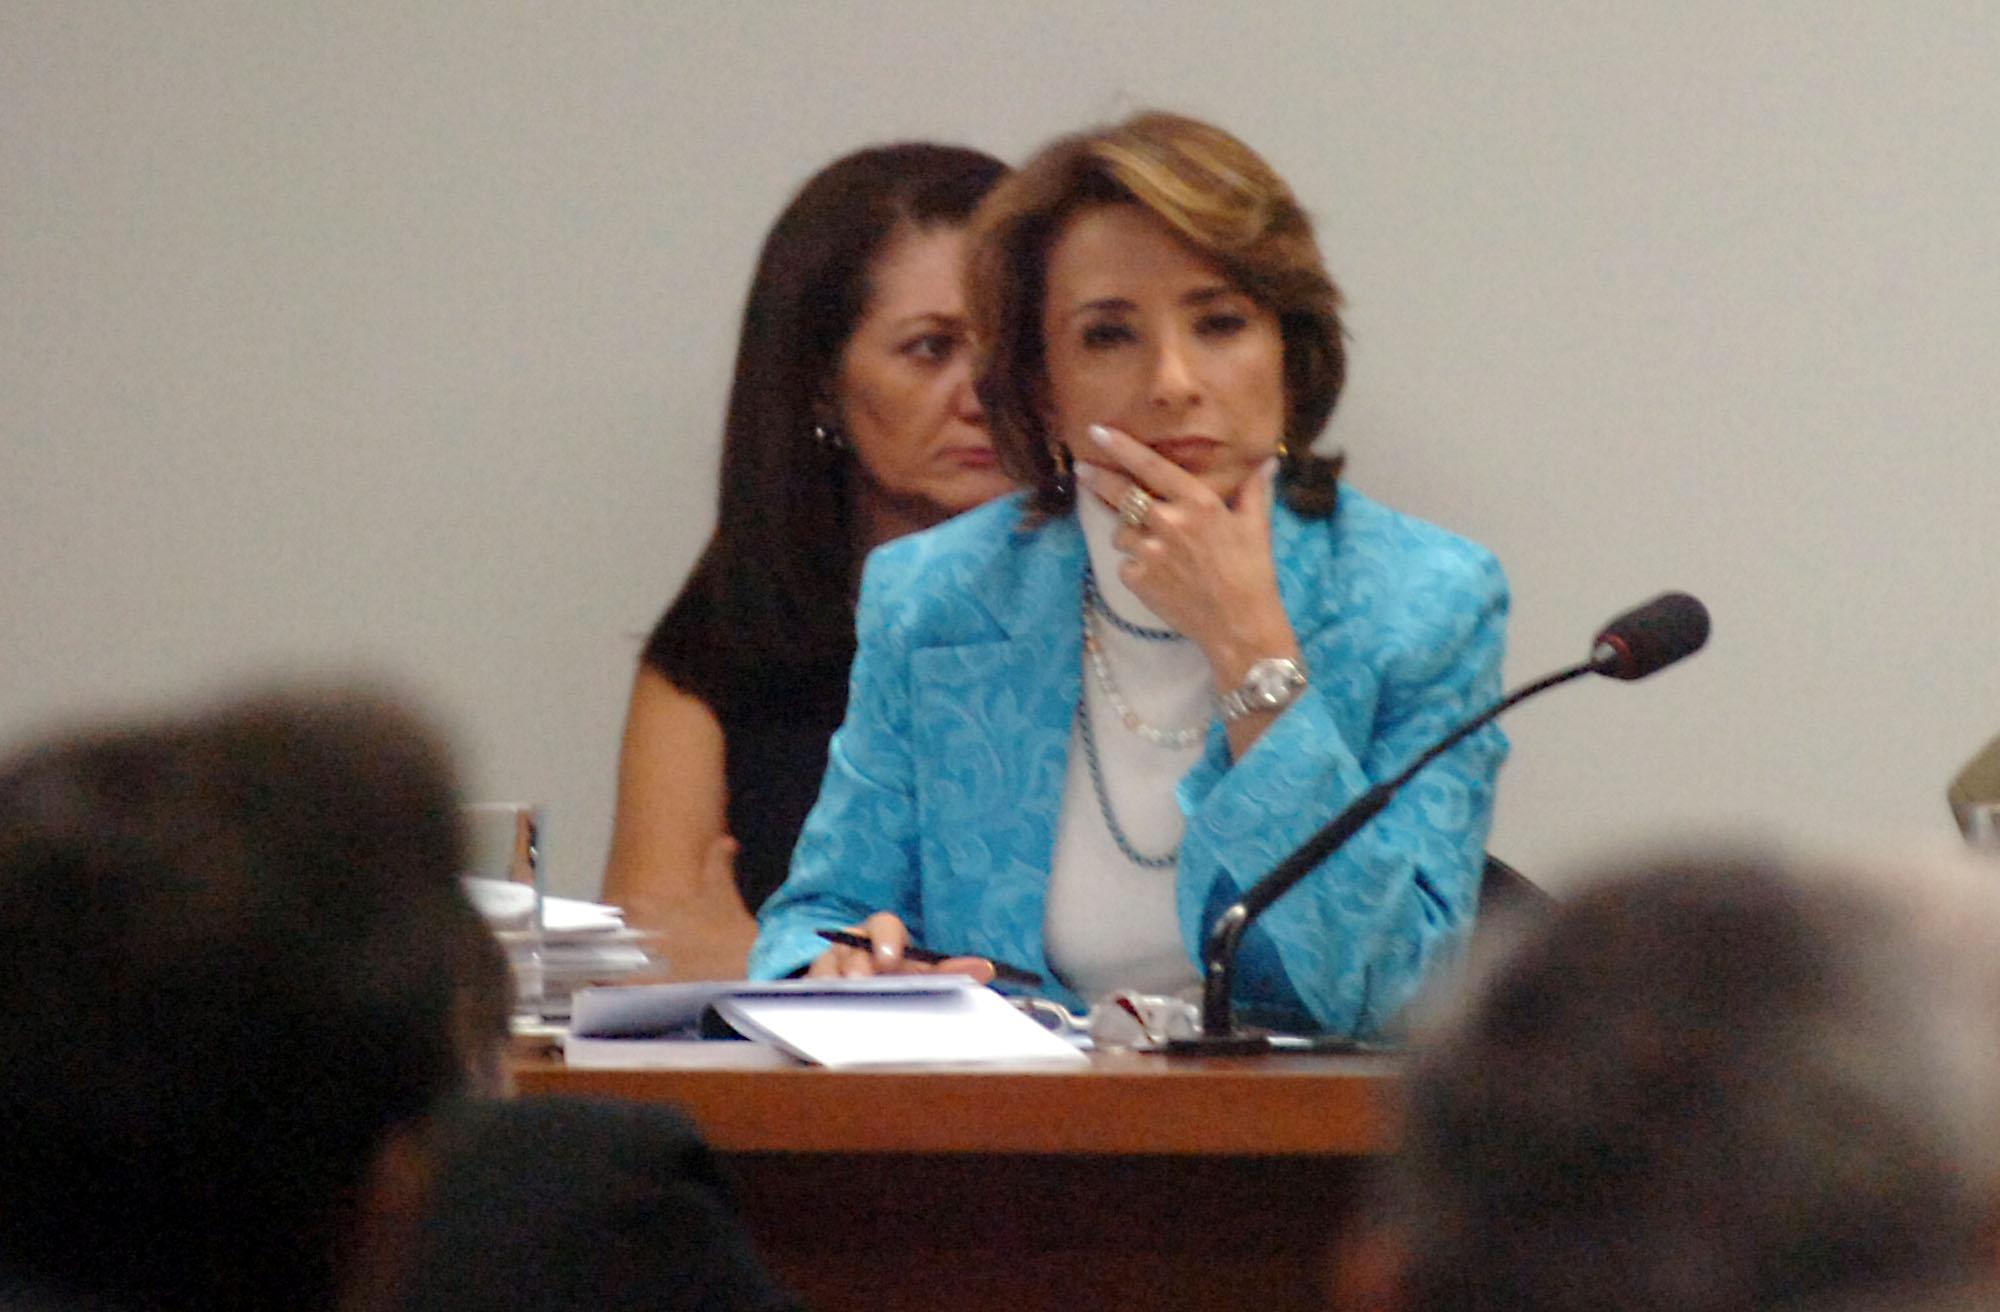 Raquel Teixeira desagrada deputados: secretária é cotada para disputar vaga na Câmara dos Deputados